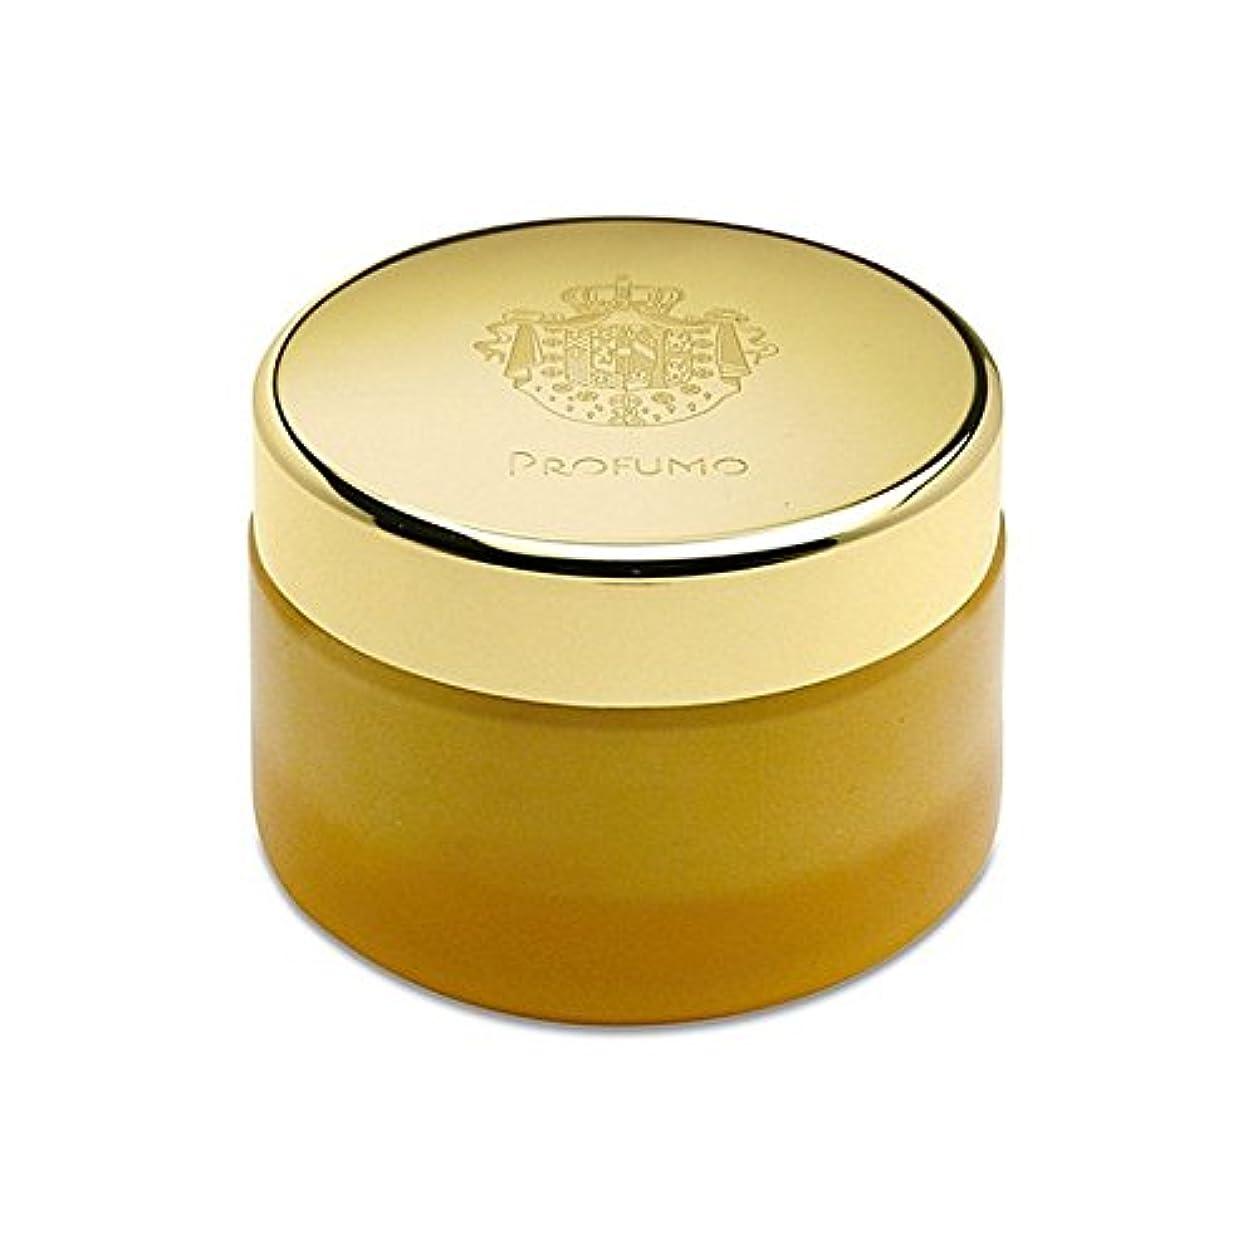 難しい広告接続されたアクアディパルマボディクリーム200ミリリットル x2 - Acqua Di Parma Profumo Body Cream 200ml (Pack of 2) [並行輸入品]